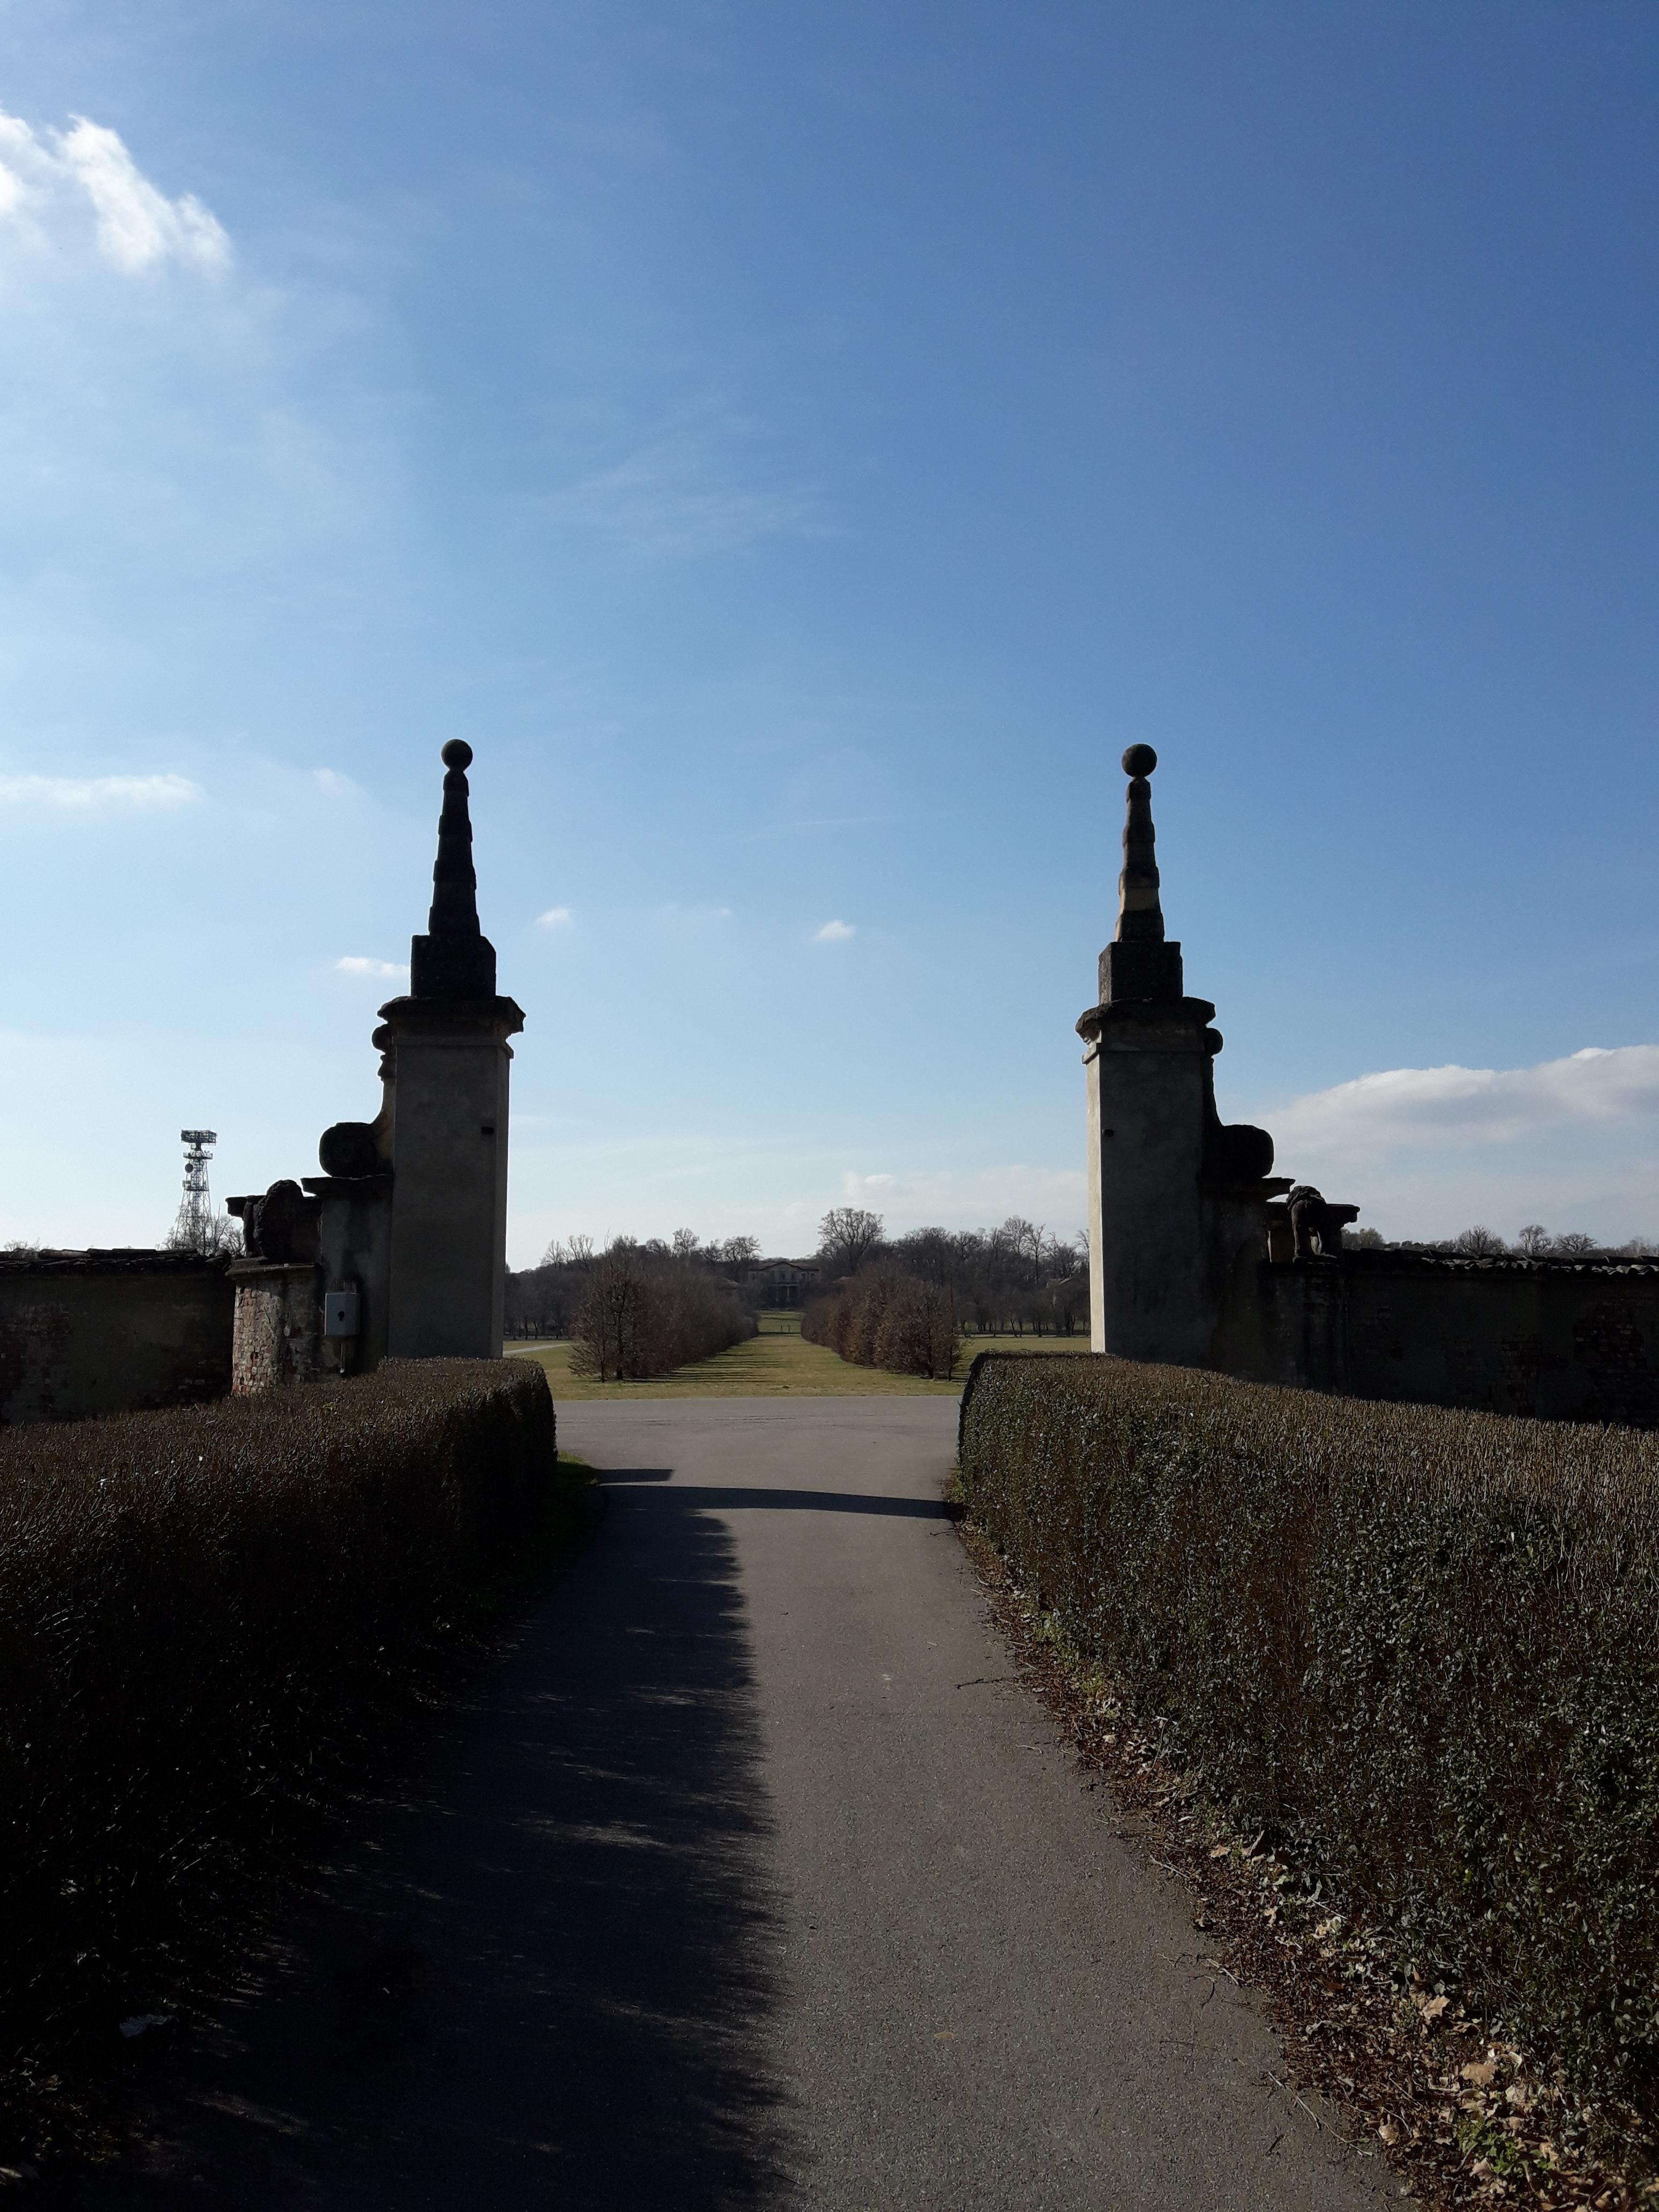 Passeggiata culturale al Parco di Monza,mura del viale di Villa Mirabello